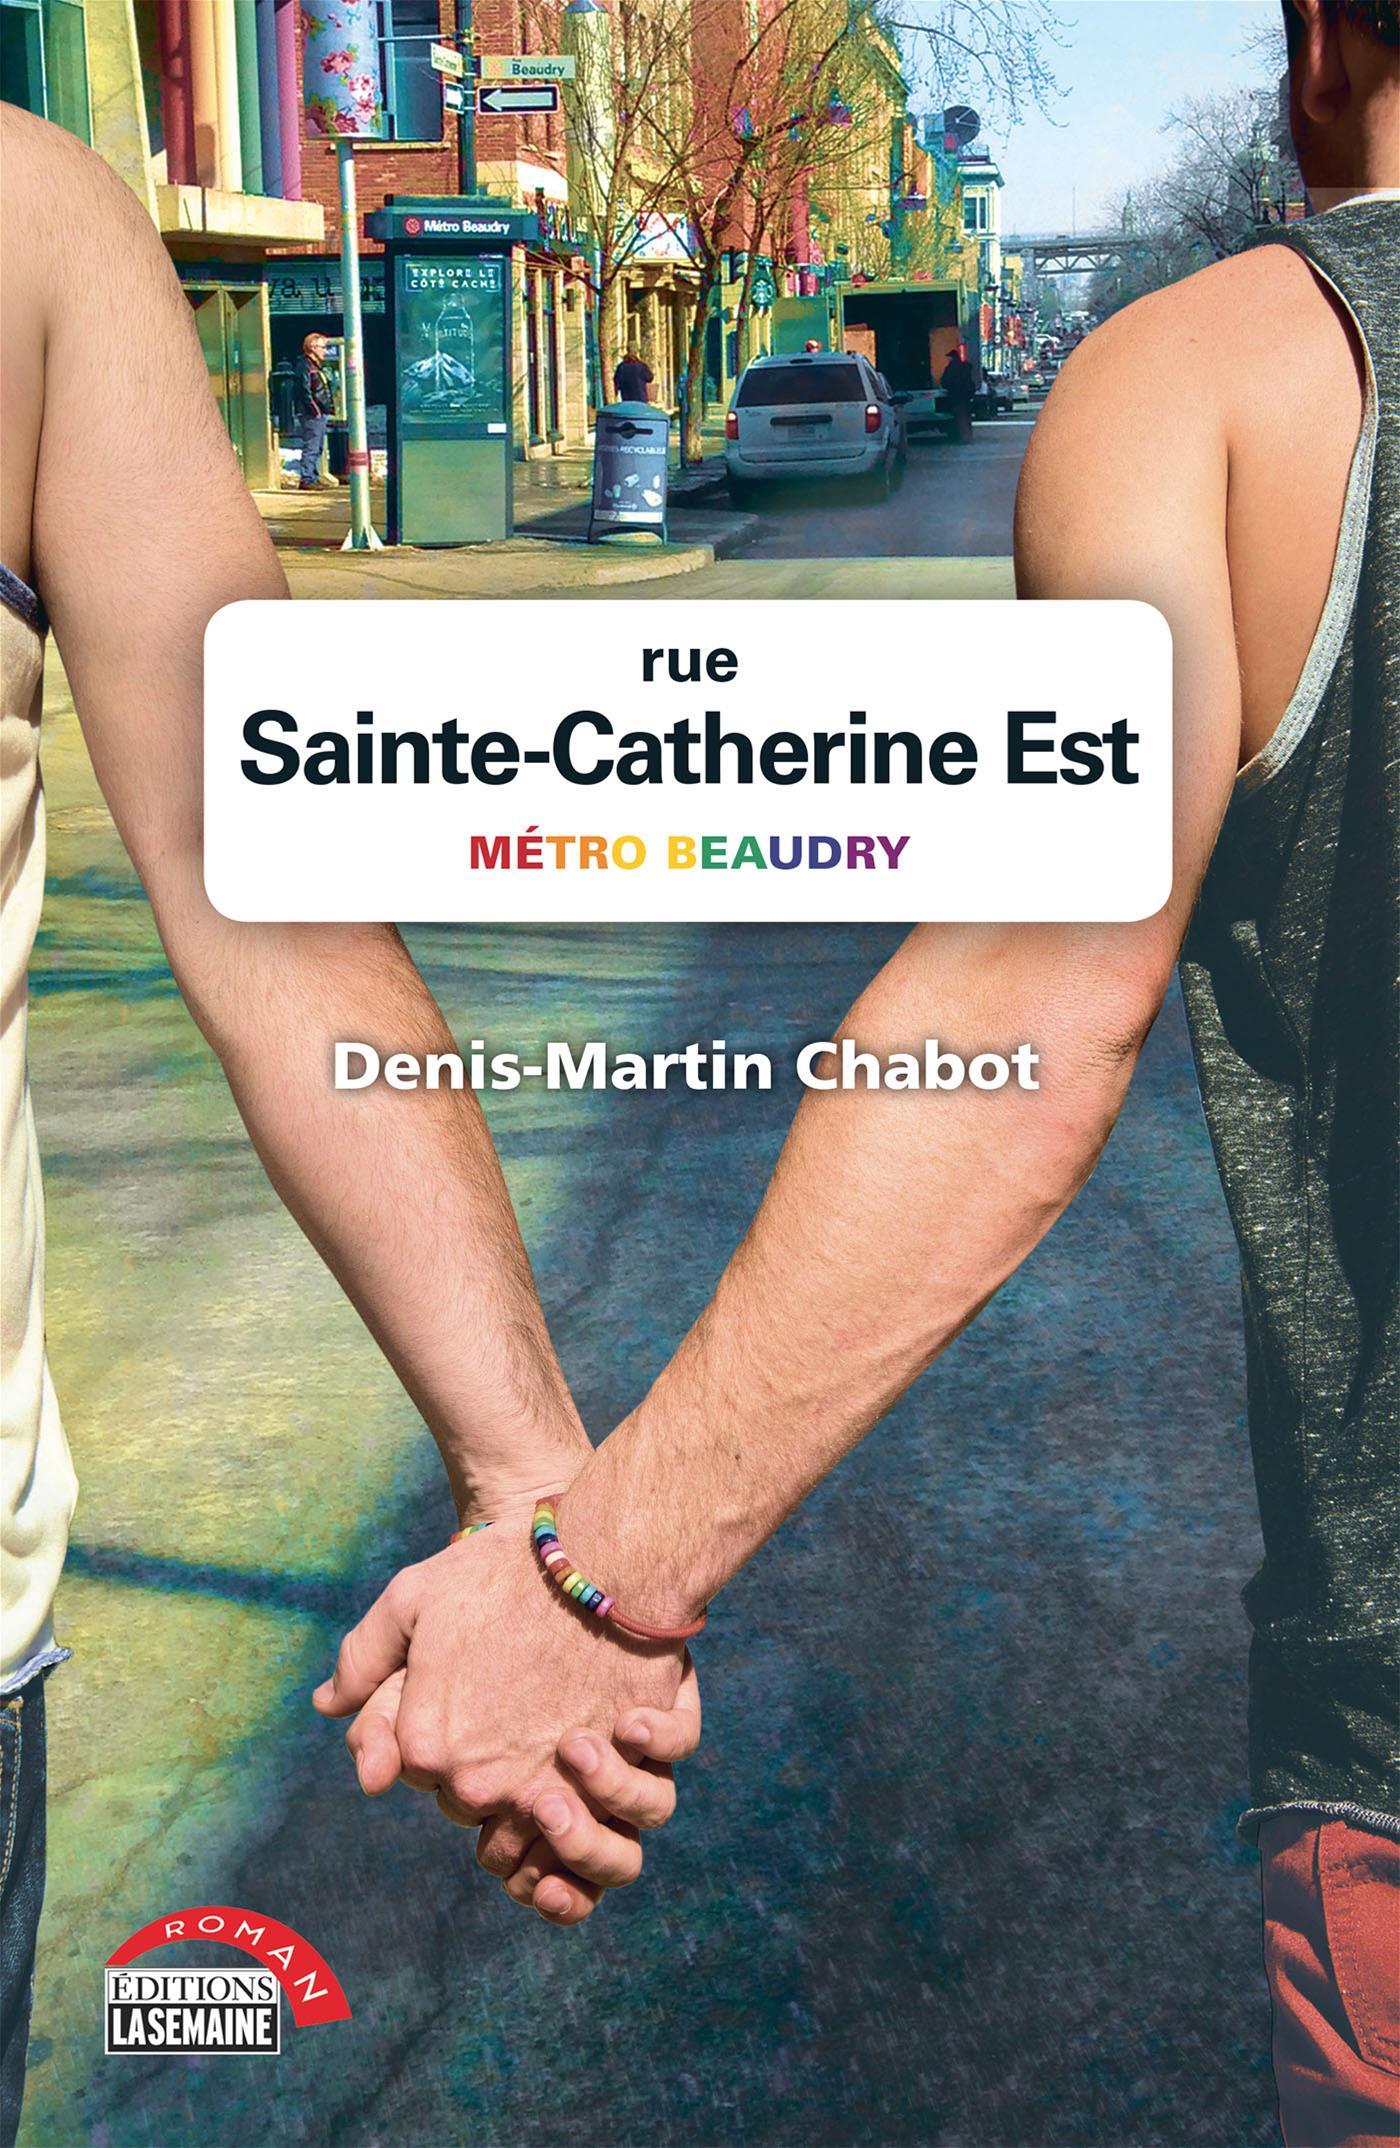 Rue Sainte-Catherine Est